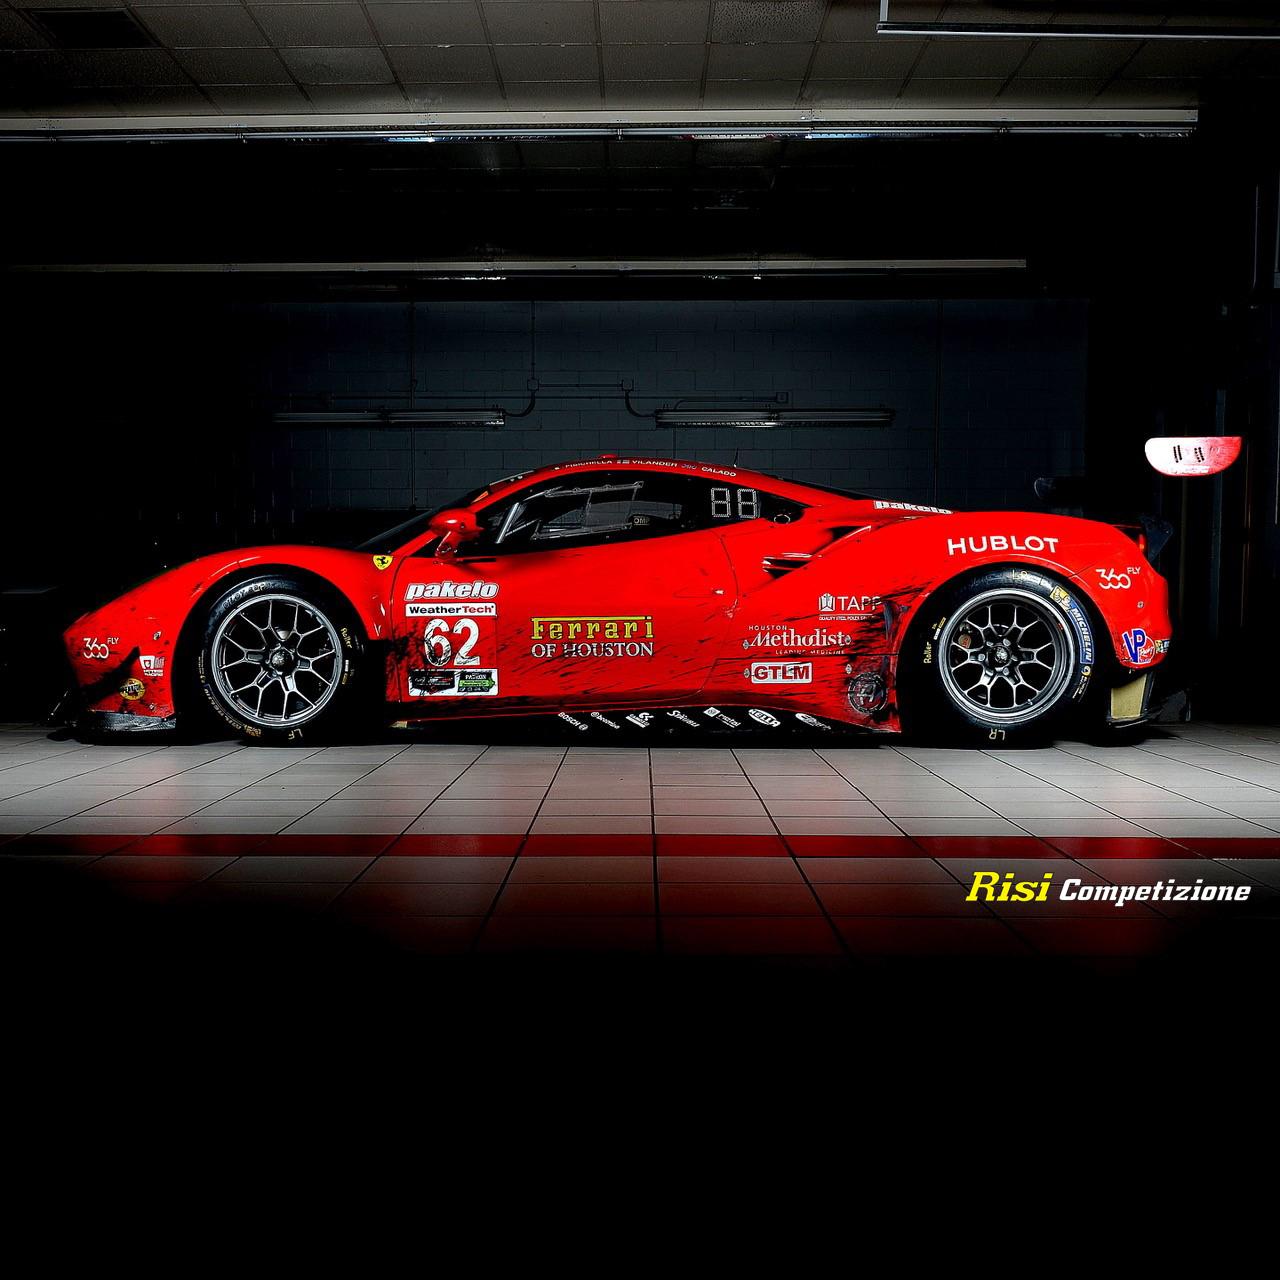 62 Risi Competizione Ferrari 430 Gt: 24H SERIES Let's Intoduce The American Team Risi Competizione